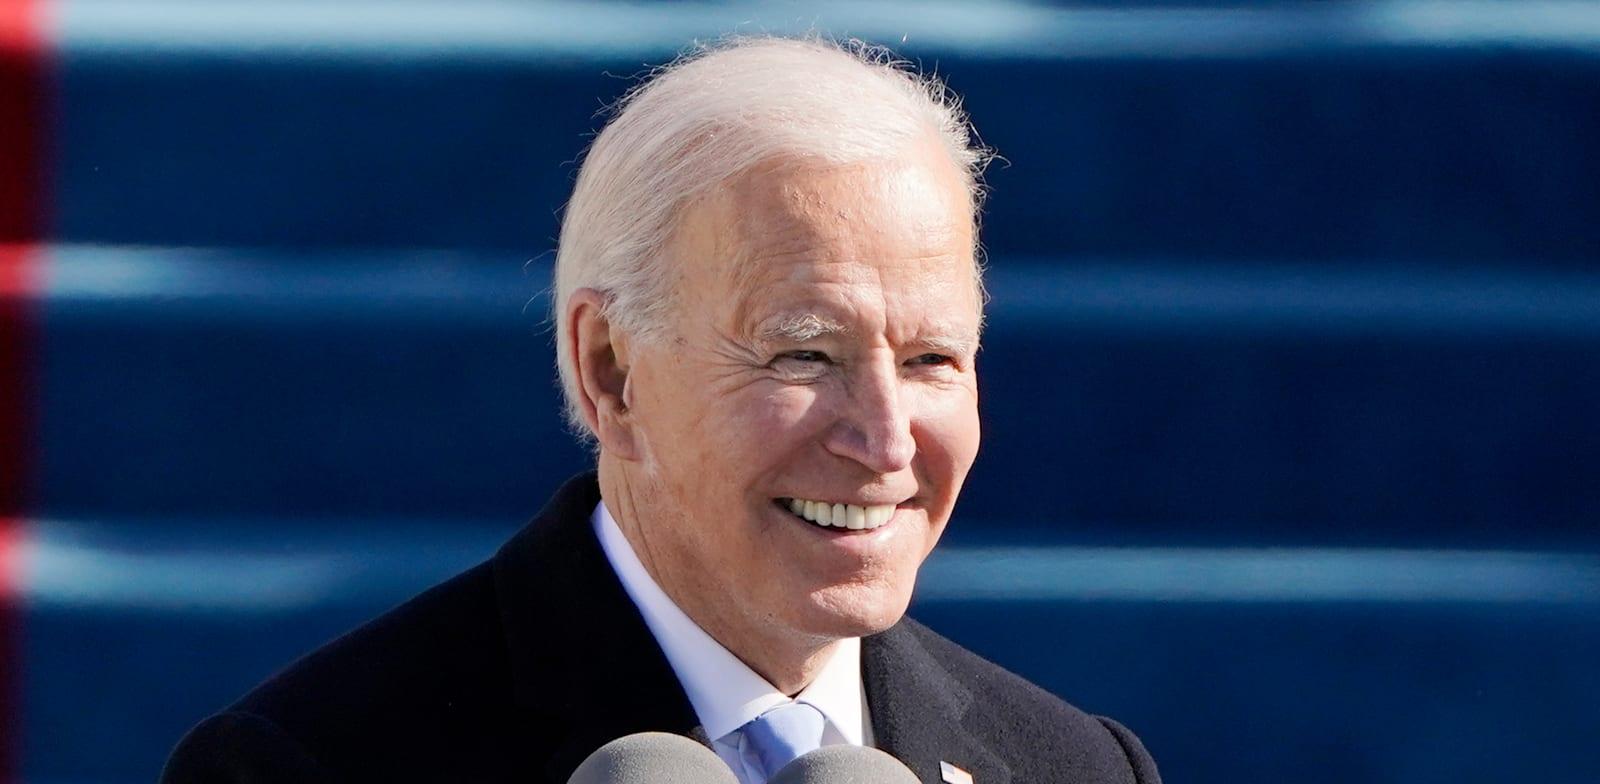 """ג'ו ביידן, נשיא ארה""""ב ה-46 / צילום: Associated Press, Patrick Semansky"""